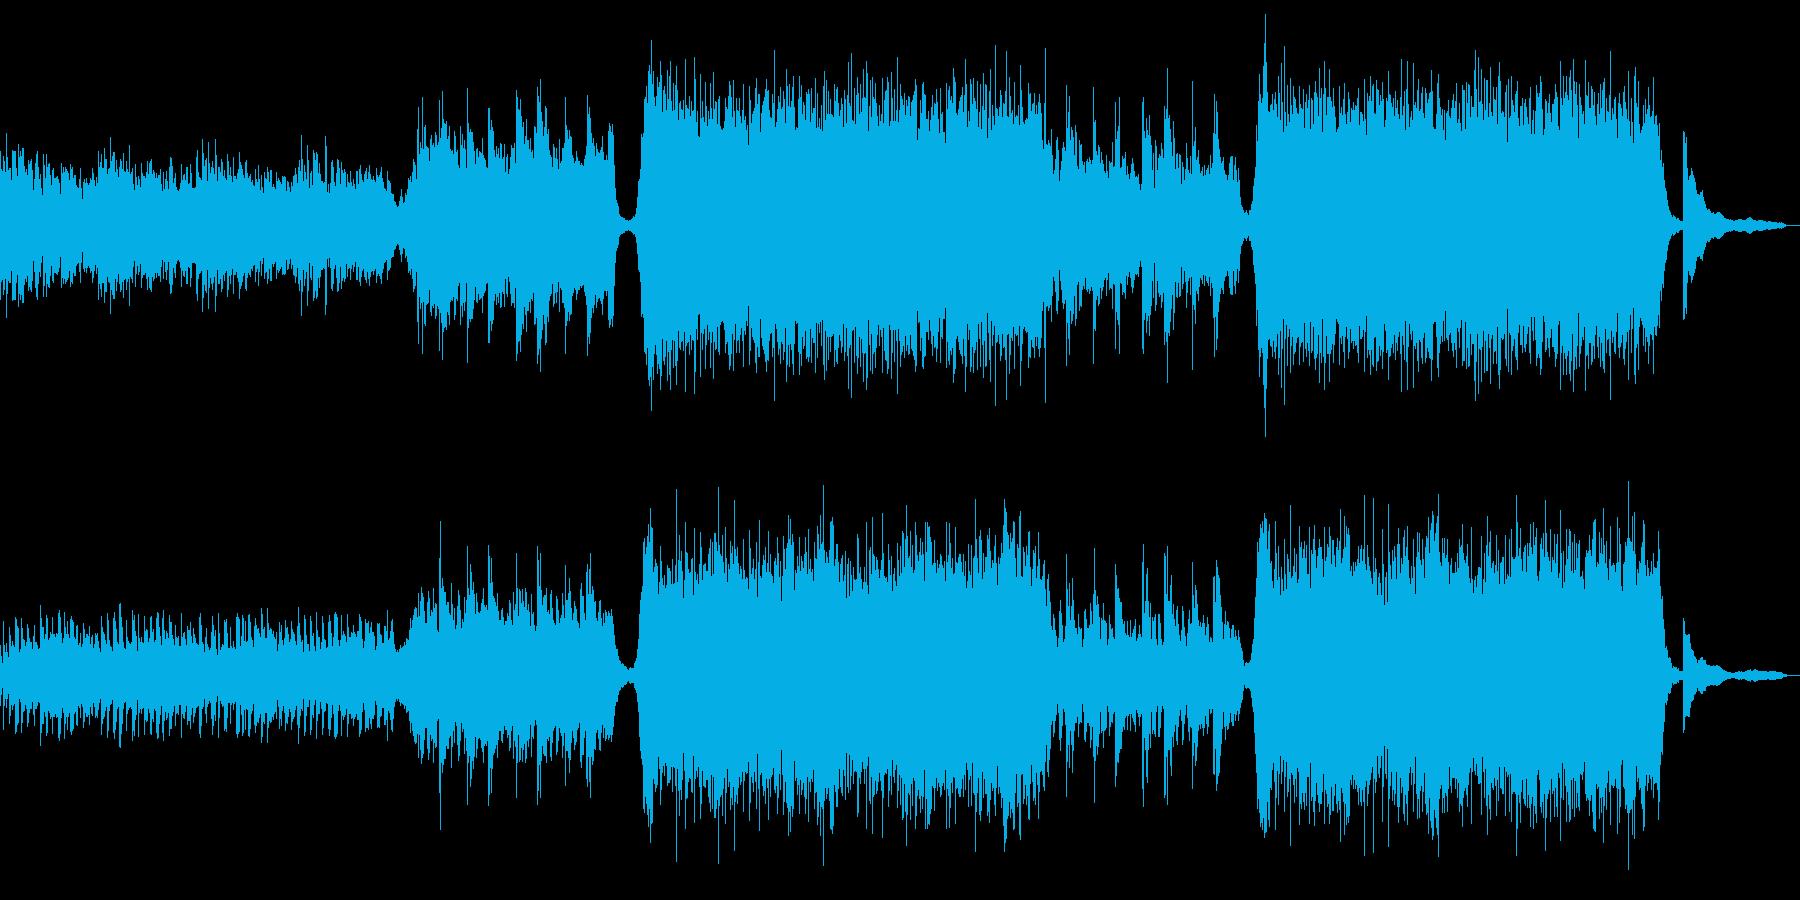 CM向けシネマティックオーケストラの再生済みの波形